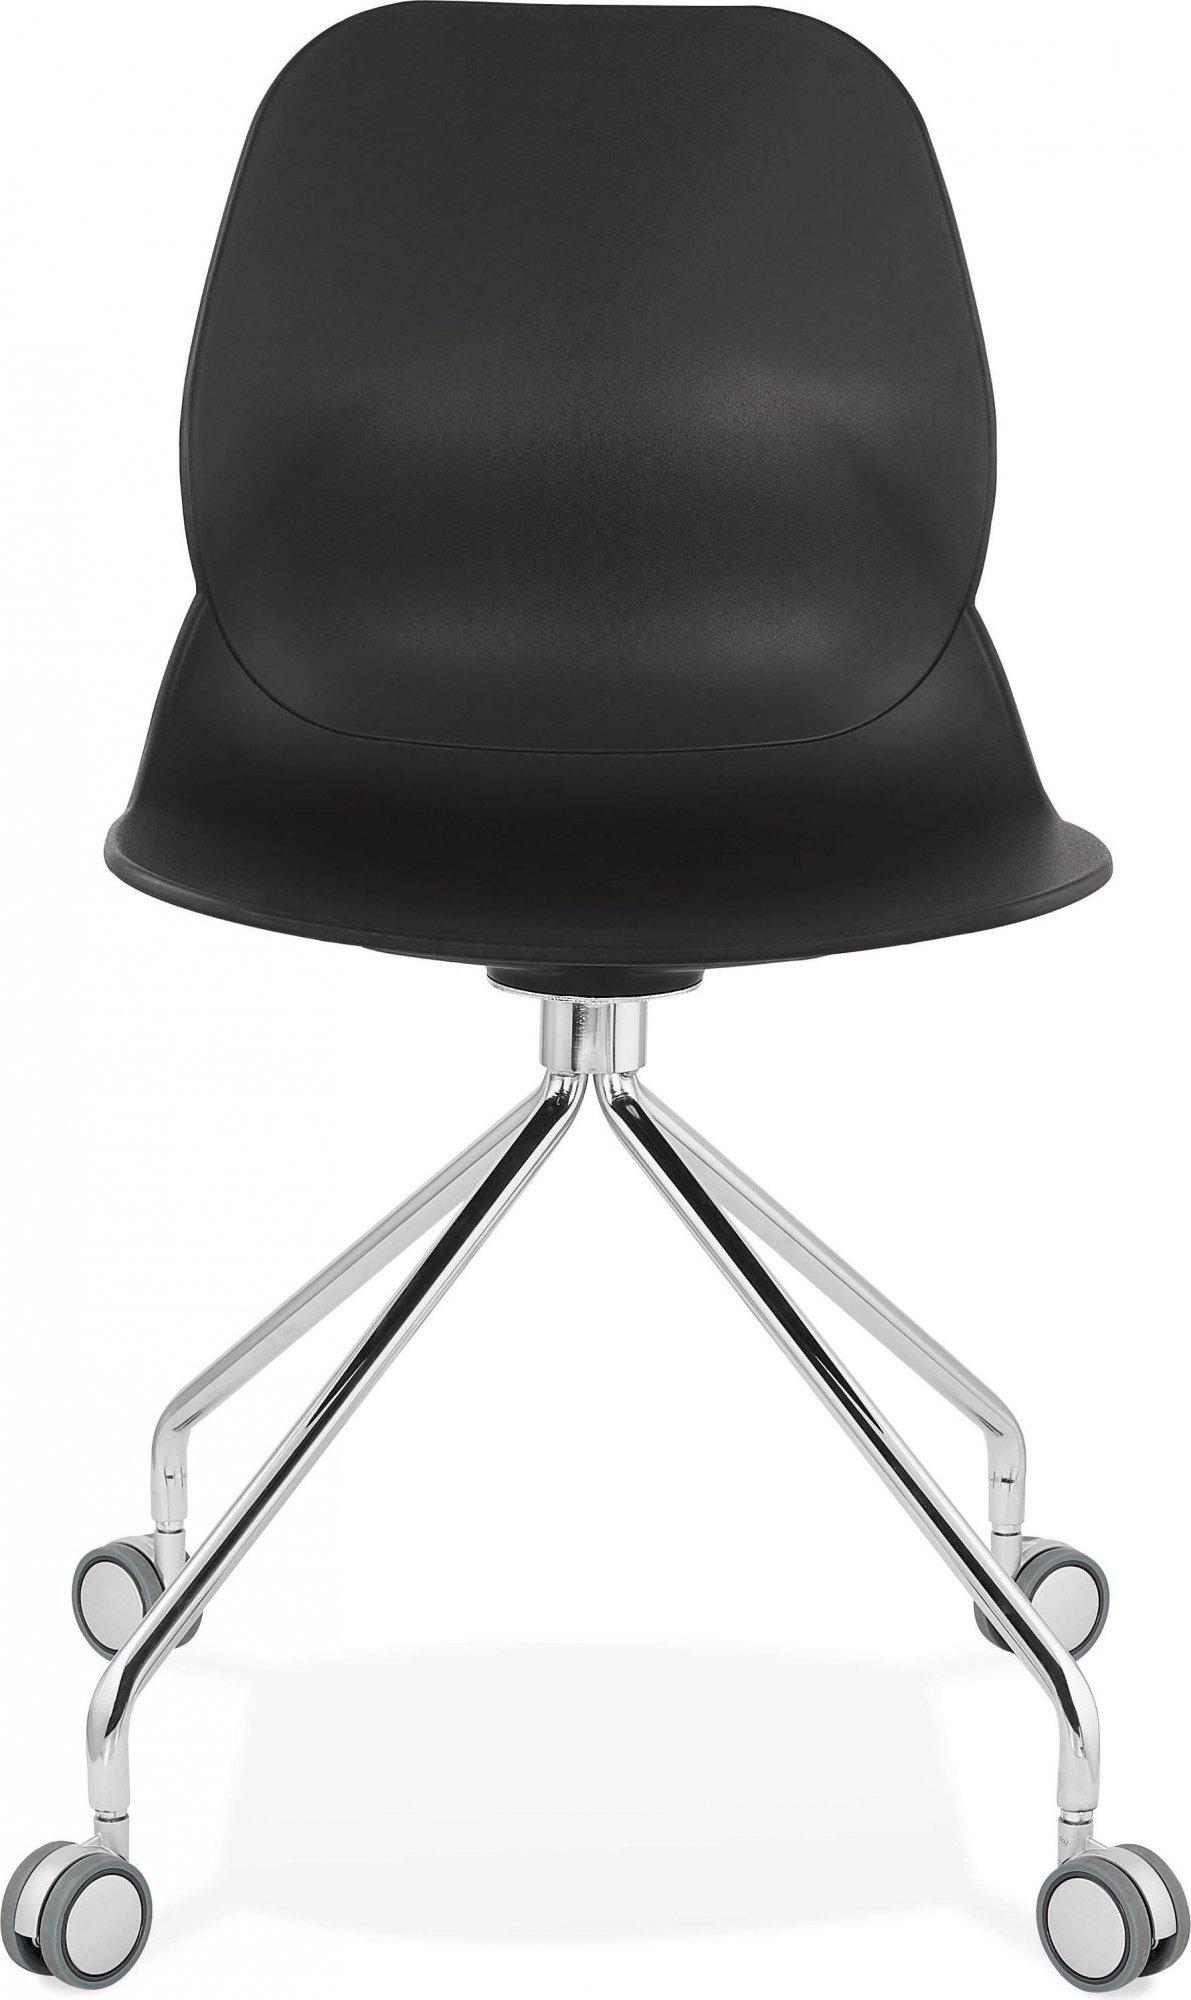 Chaise de bureau a roulettes assise noir pied métal chromé